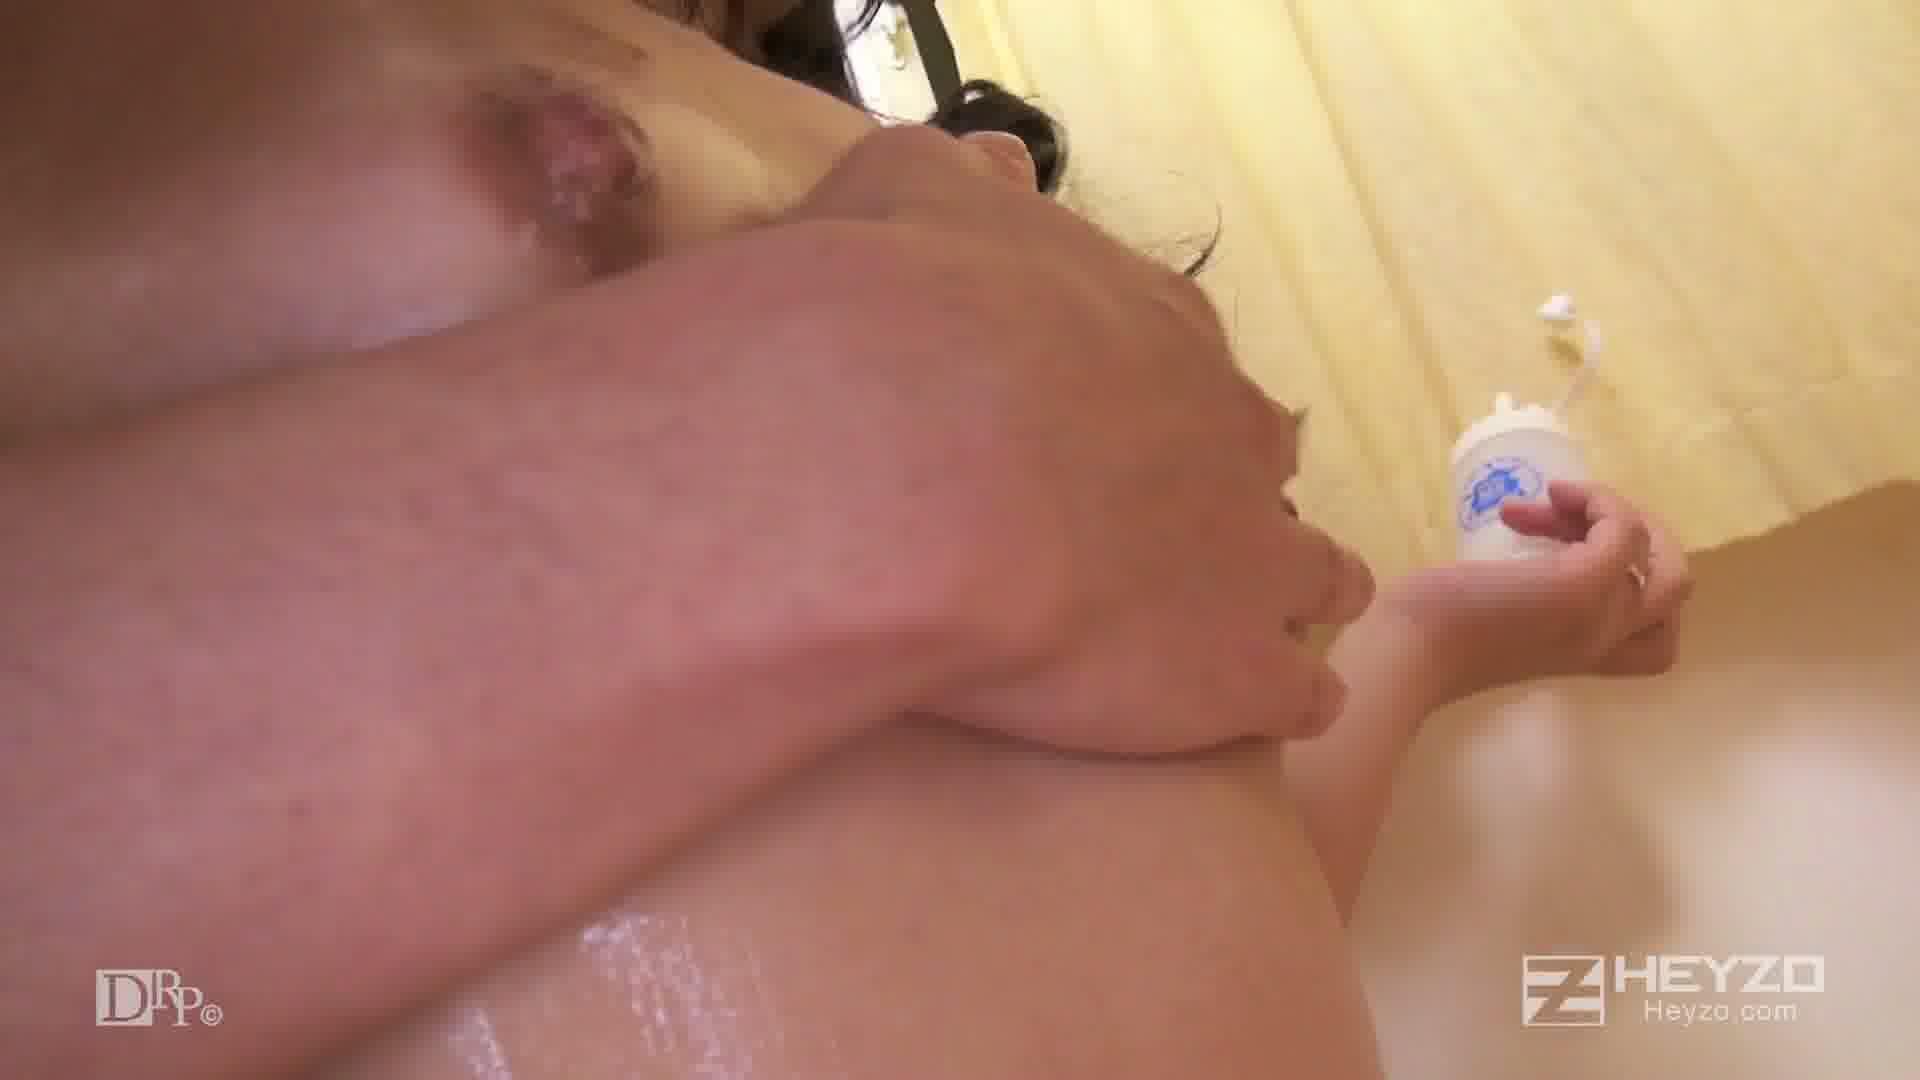 奥さん、ヌルヌルモニターやりませんか? - 結城恋【手コキ 脱衣 ローションマッサージ】